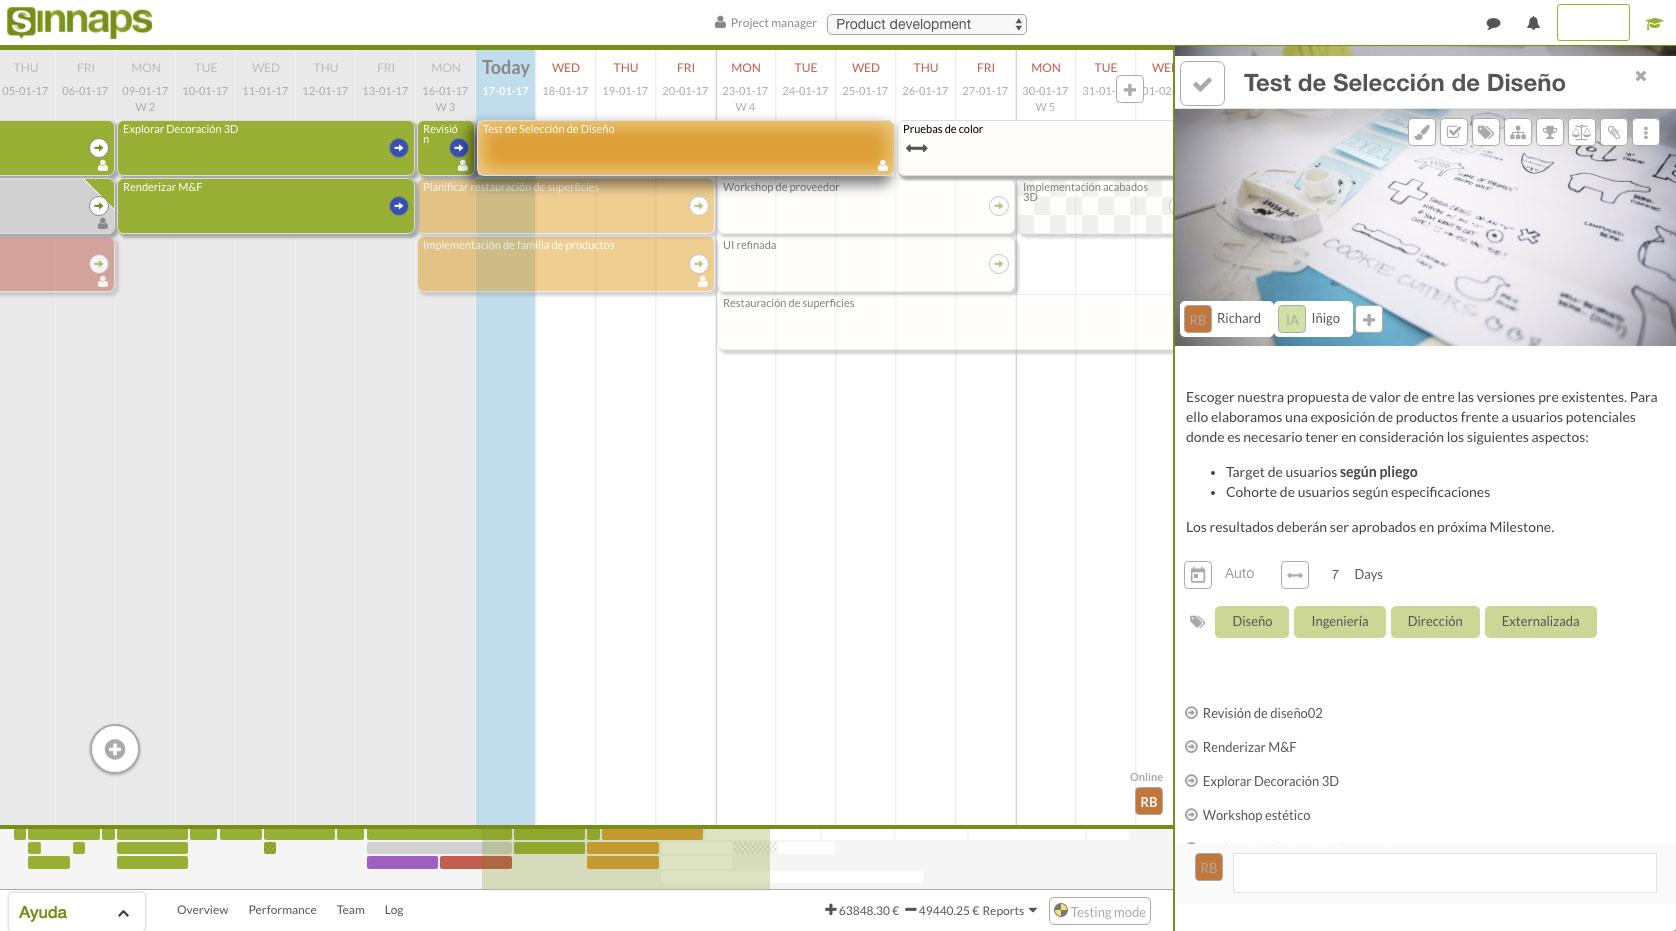 cronograma de actividades online